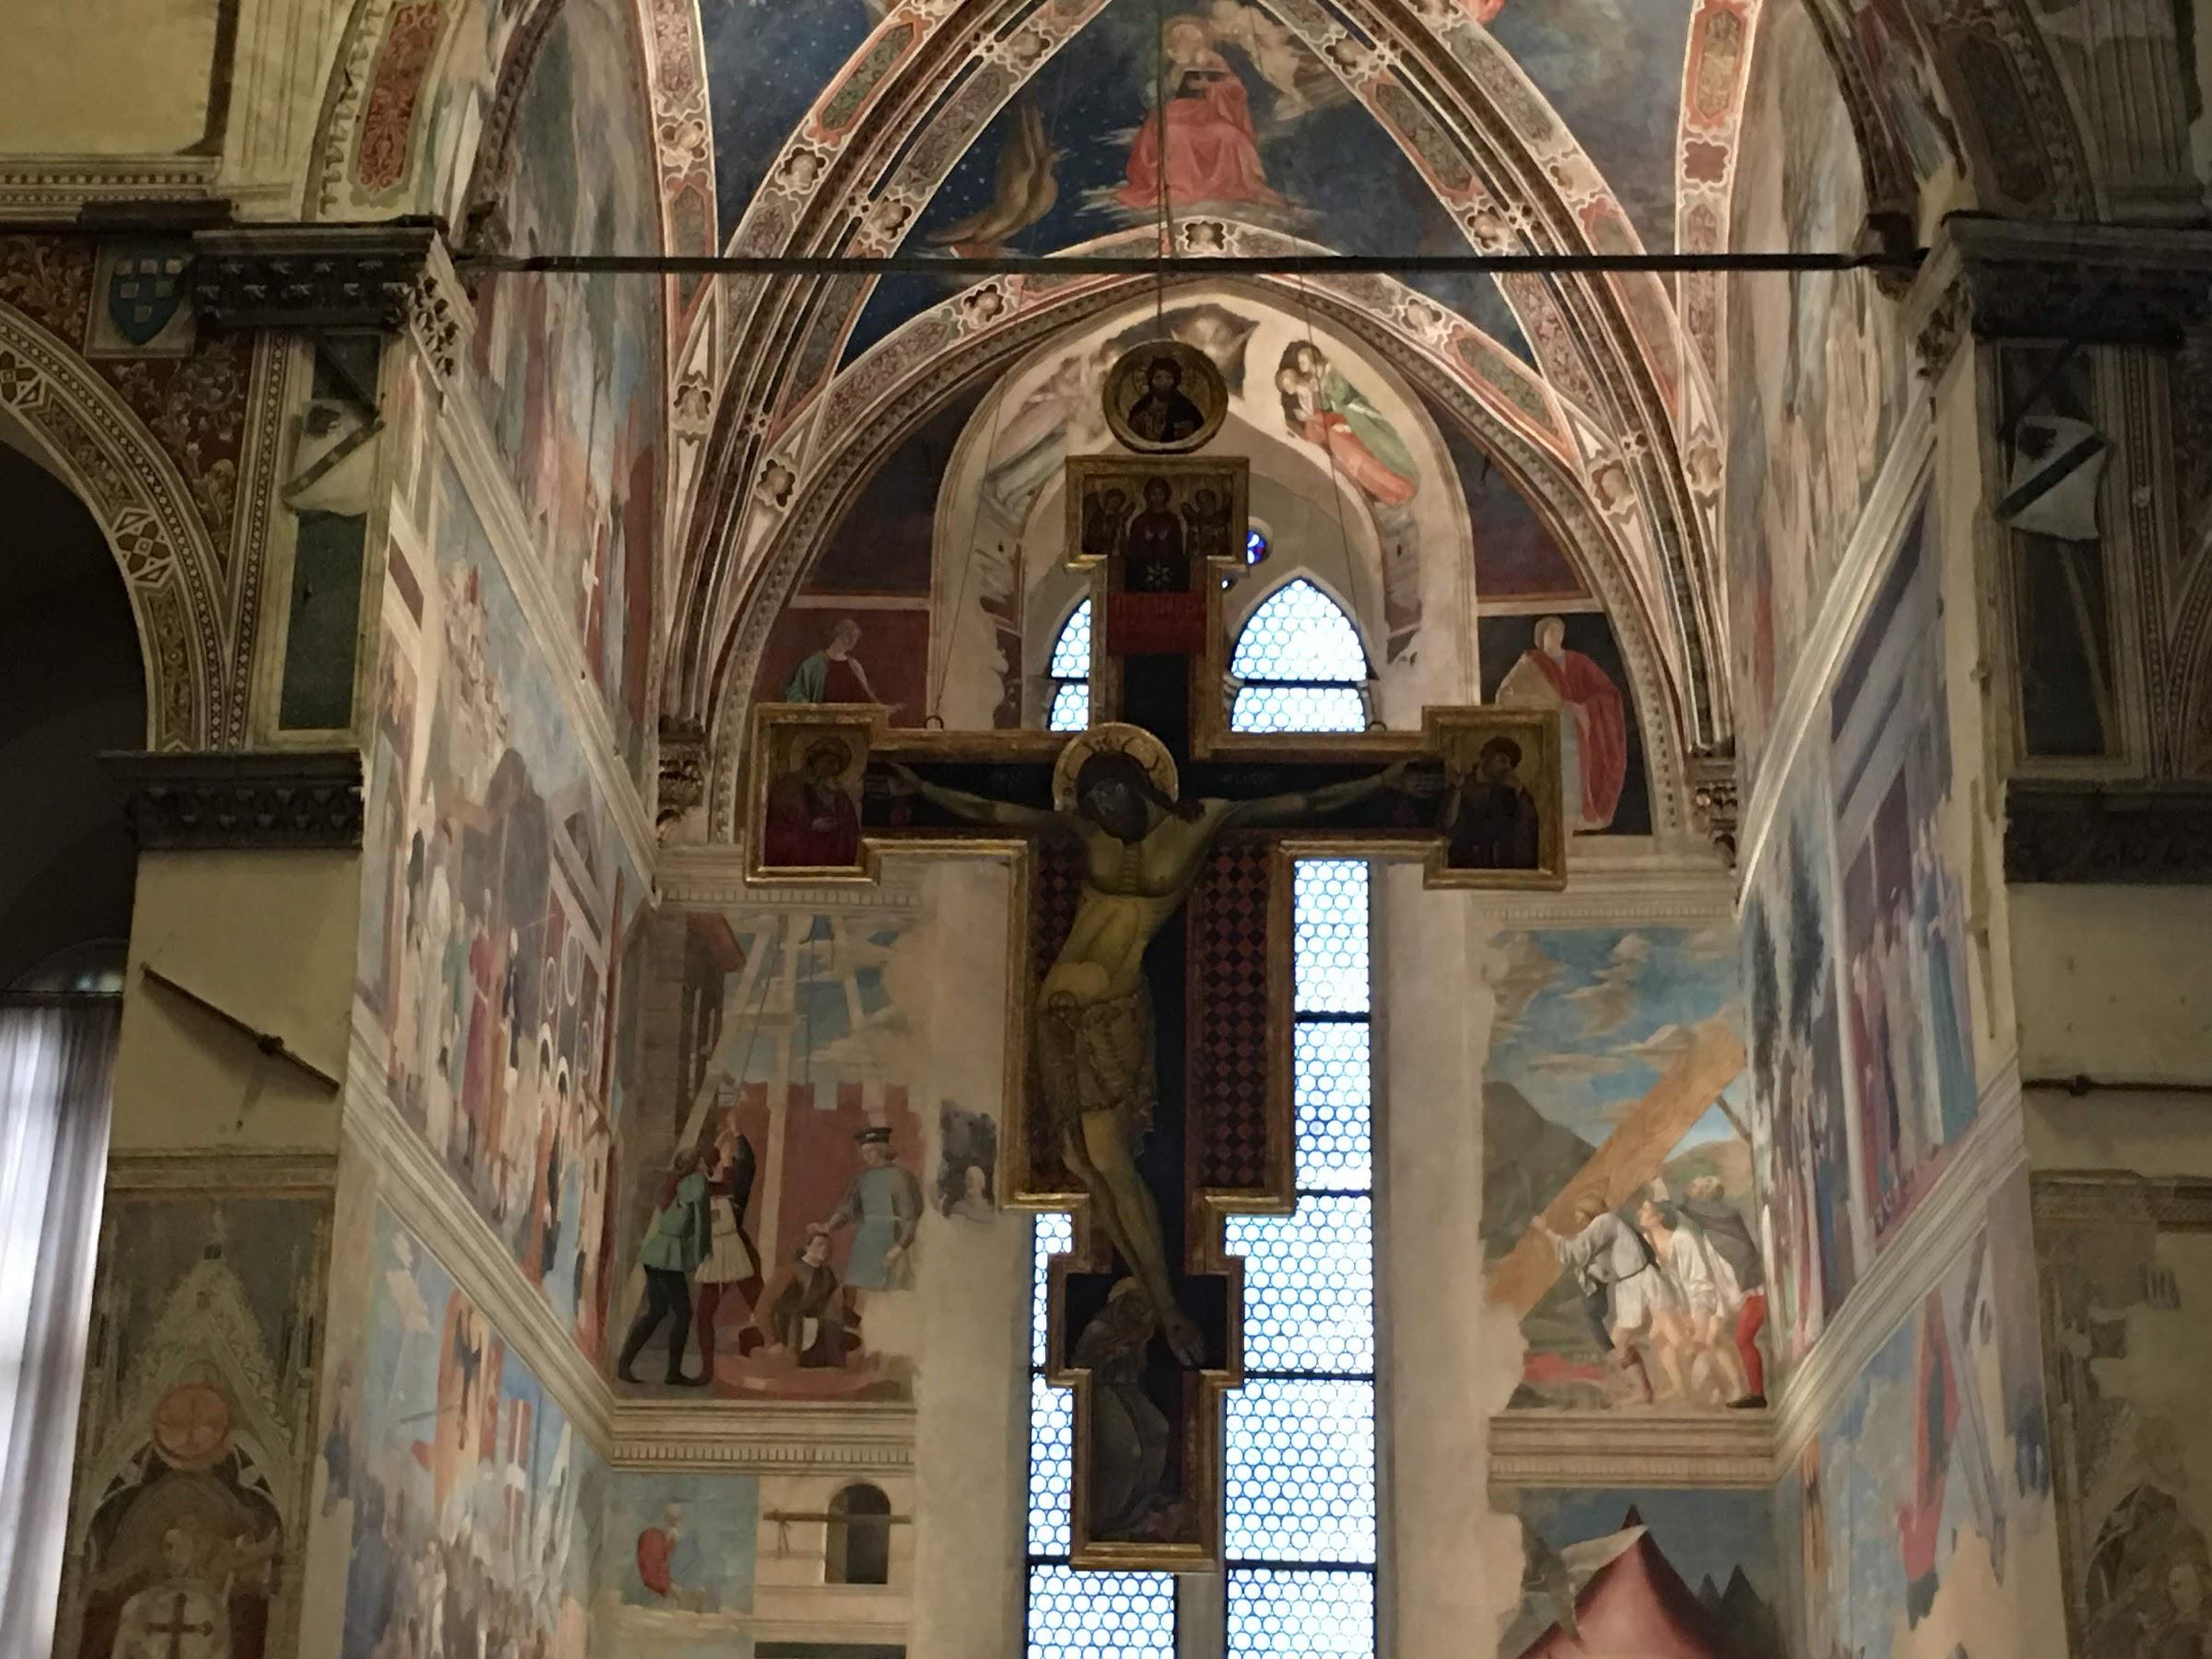 La Cappella Bacci nella Basilica di San Francesco, con il Crocifisso del Maestro di San Francesco e Le Storie della Vera Croce di Piero della Francesca